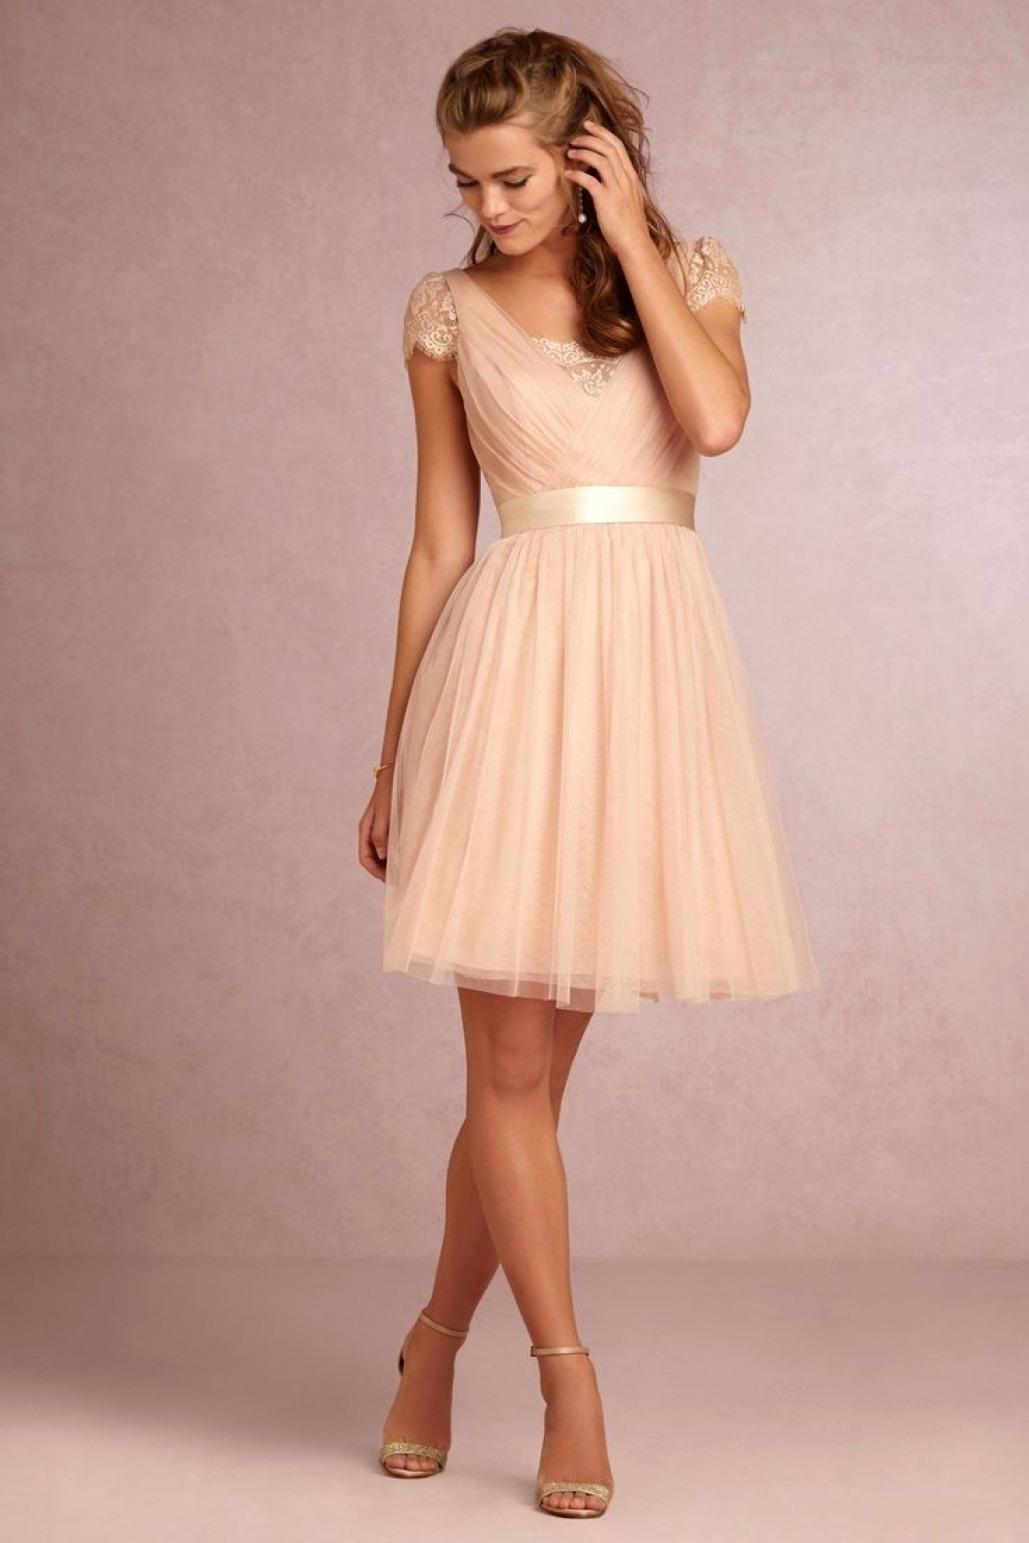 20 Großartig Lila Kleider Für Hochzeit Spezialgebiet13 Erstaunlich Lila Kleider Für Hochzeit Galerie